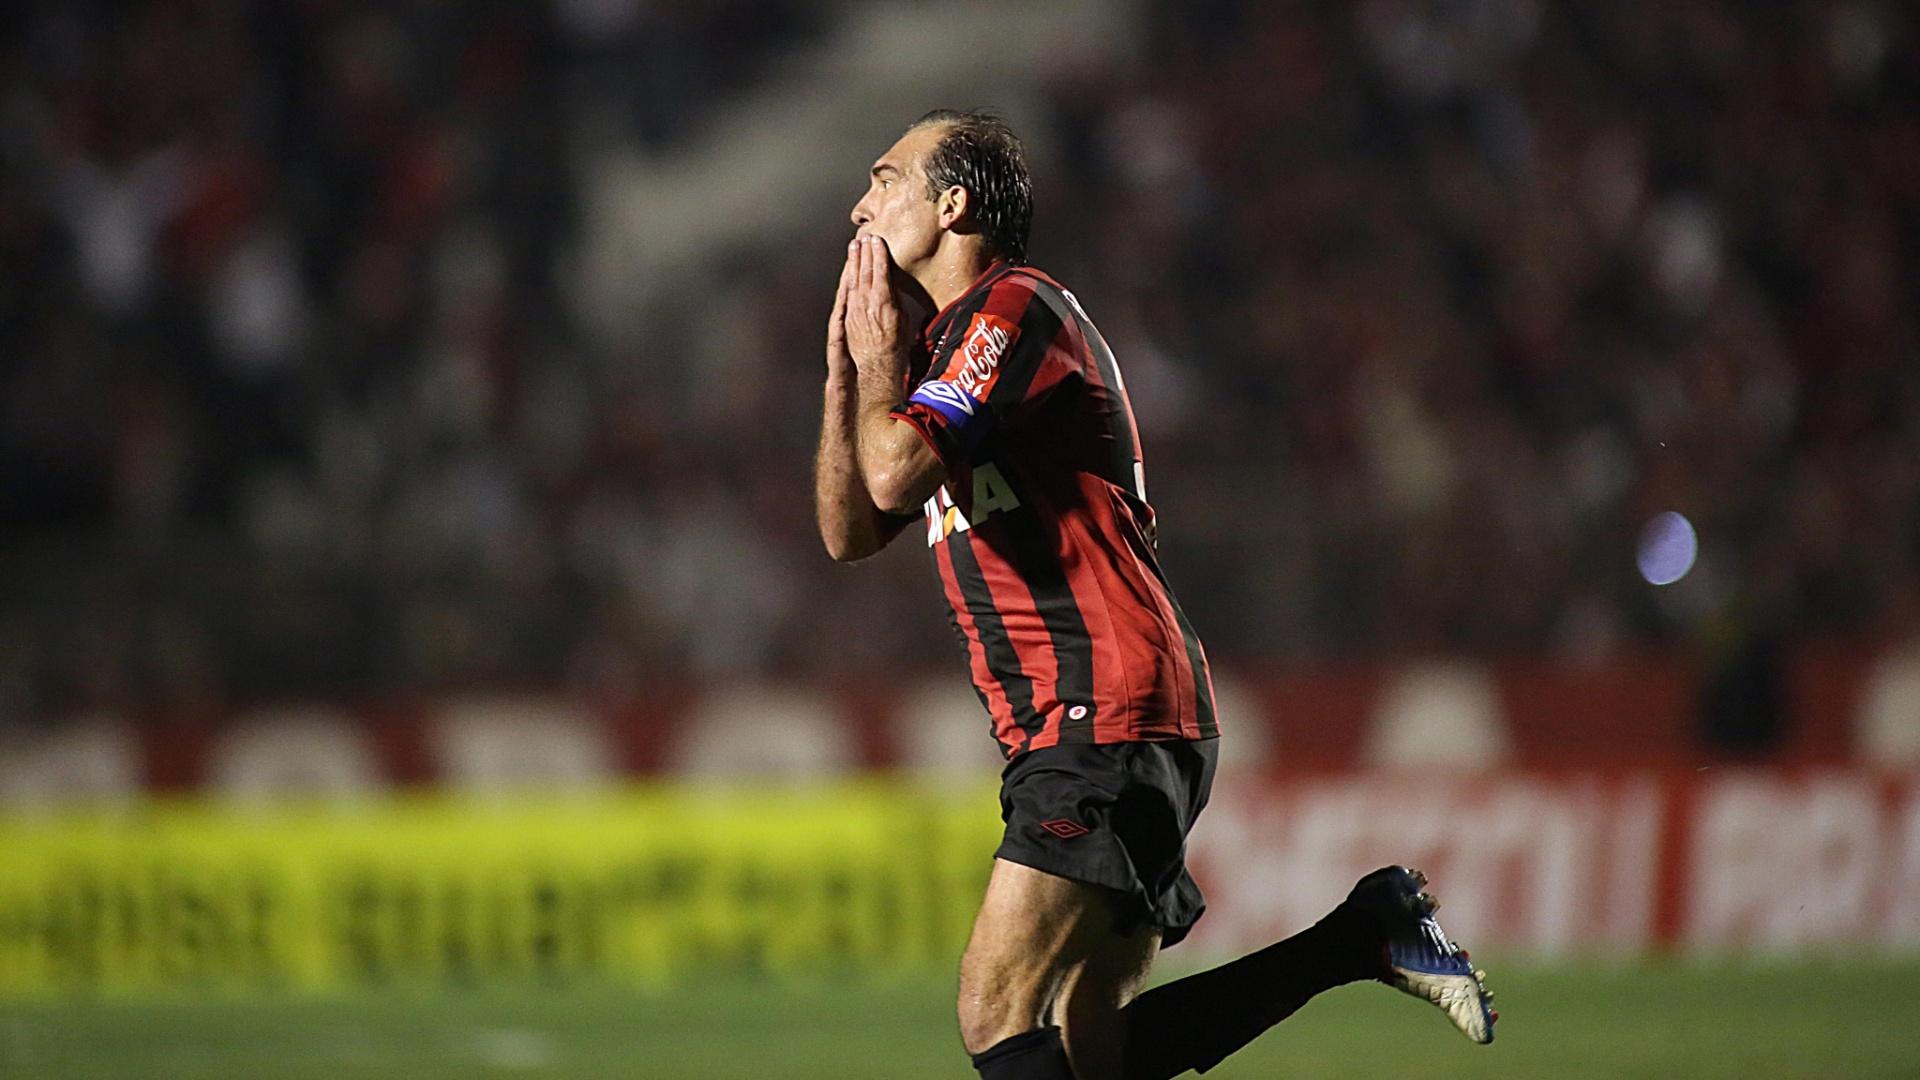 07.08.2013 - Paulo Baier comemora gol do Atlético-PR na vitória contra o Bahia